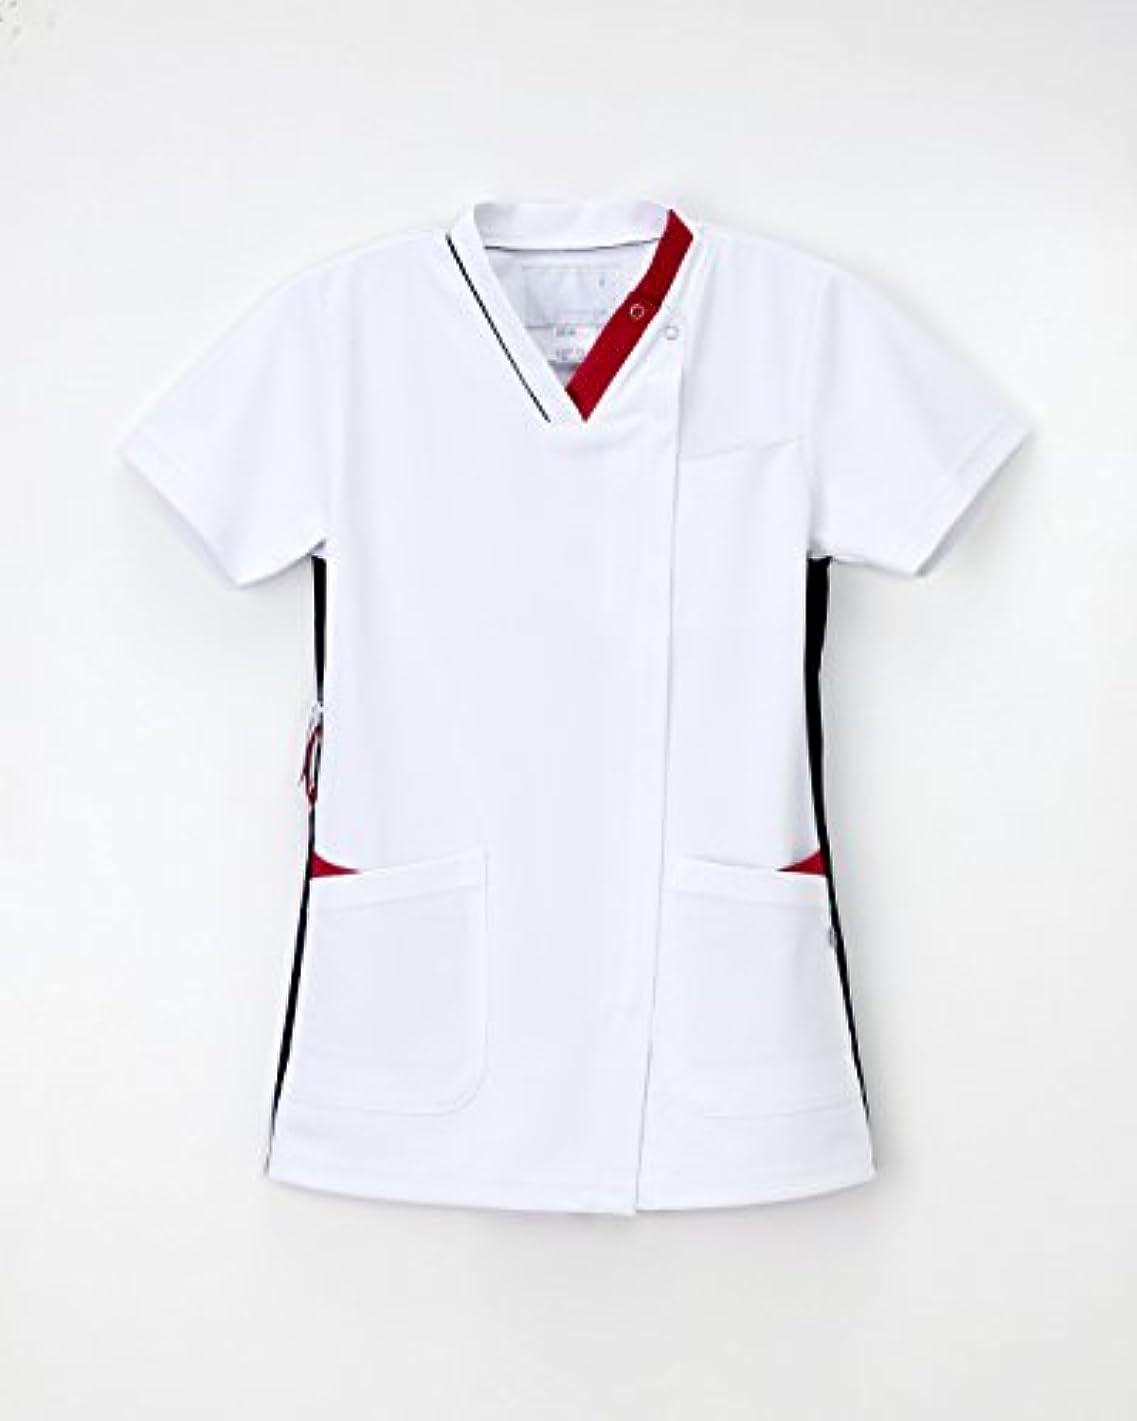 測定使役物理的に医療用ユニフォーム 男女兼用スクラブ LX-4092(LL) Tネイビー+ピンク